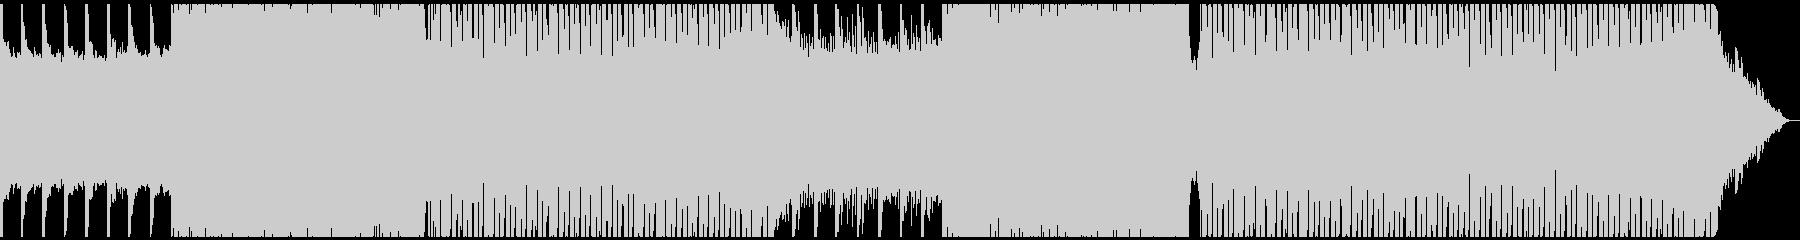 エレクトロ オーロラ ミドルテンポの未再生の波形